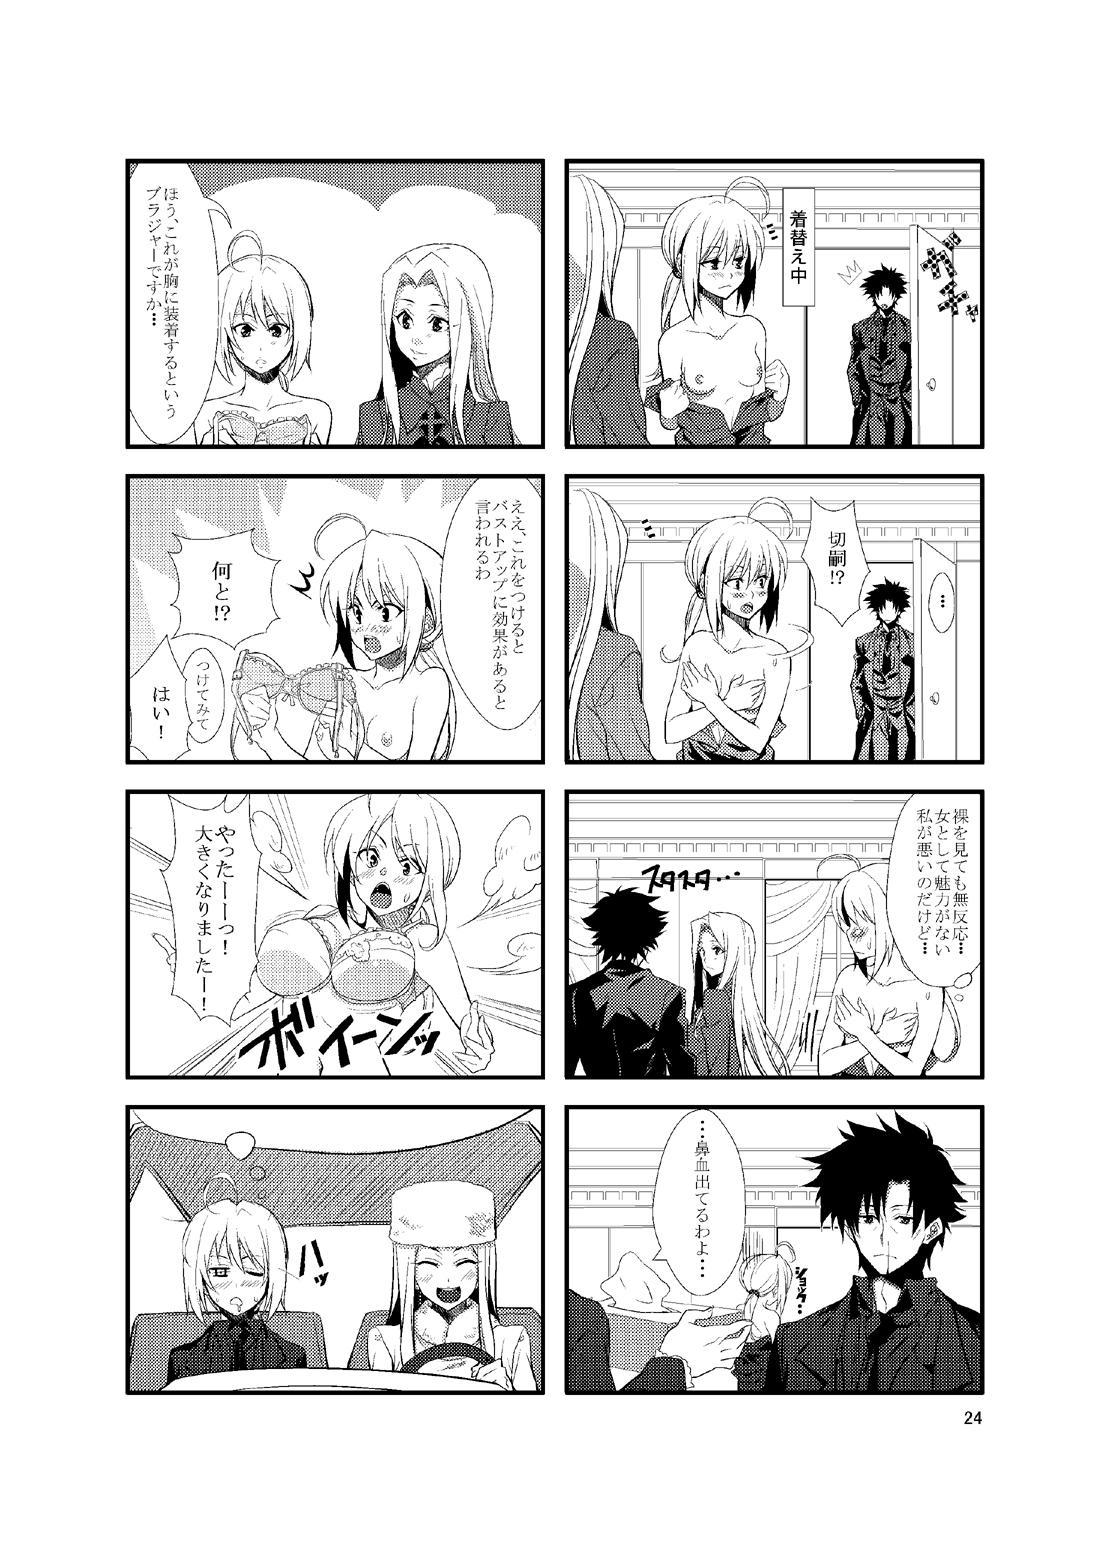 Fate/Love 0 22